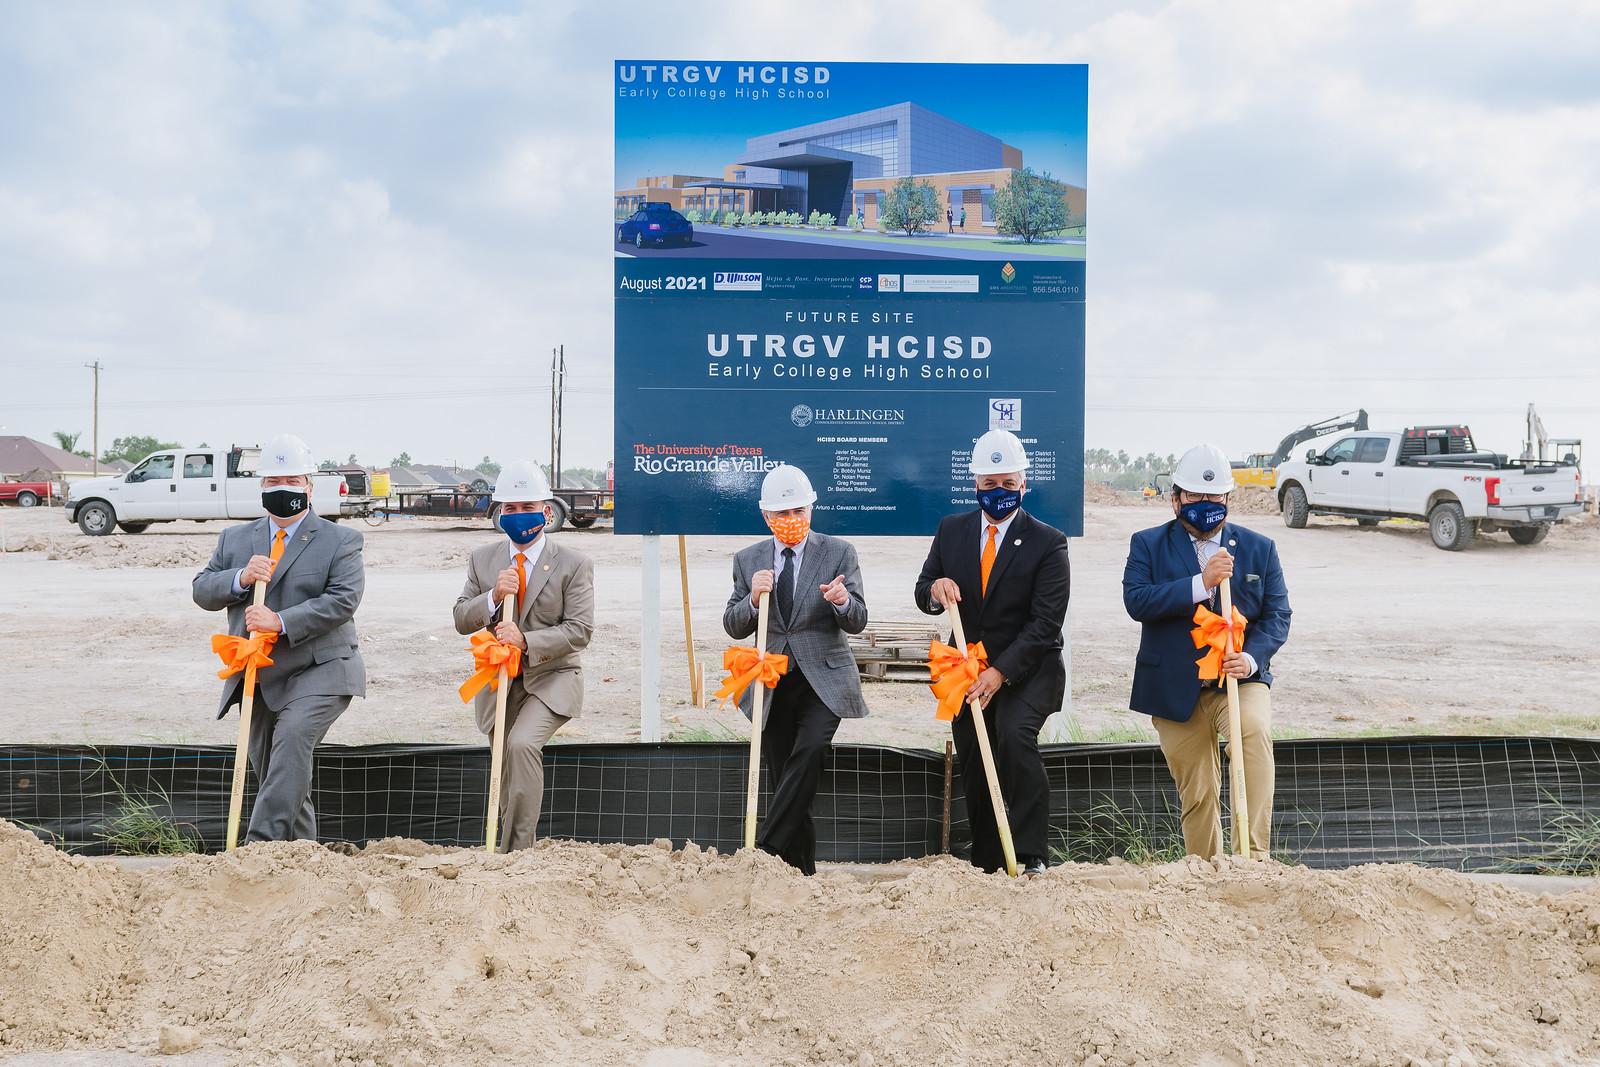 UTRGV y HCISD inician la construcción de la nueva preparatoria.